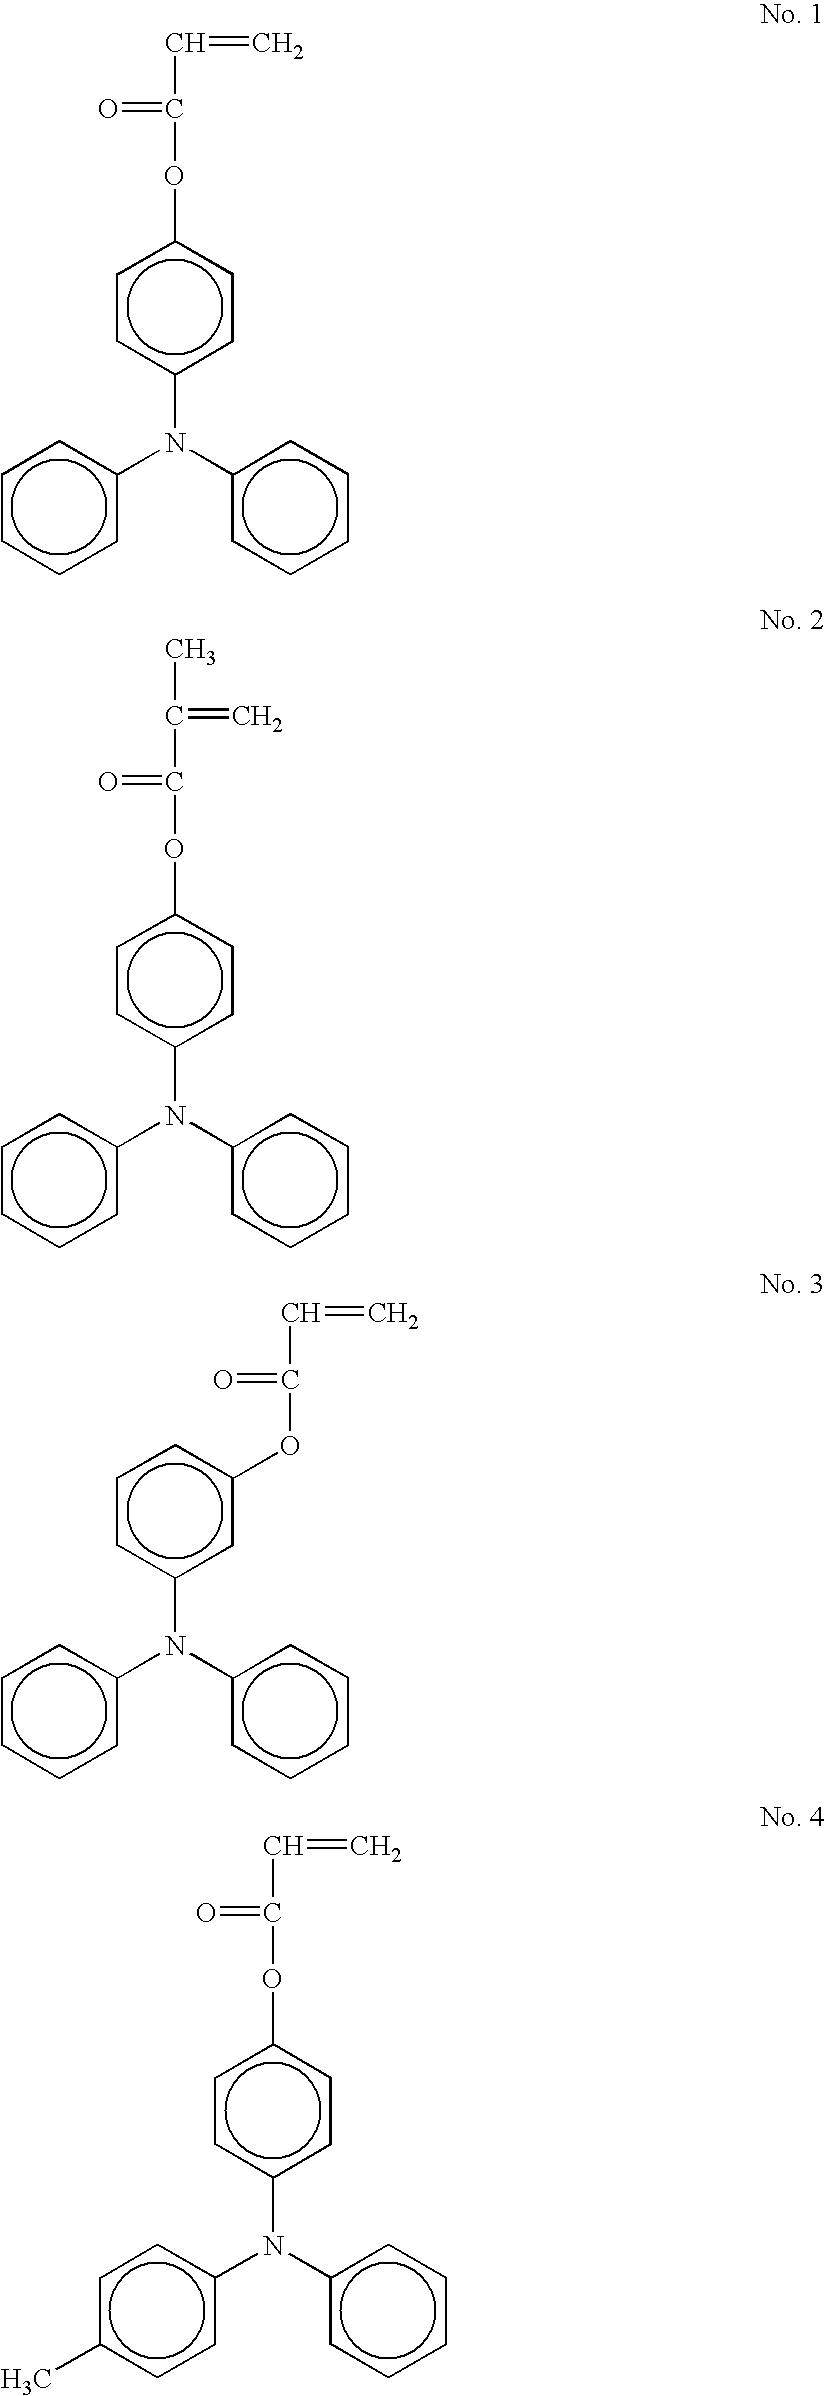 Figure US20050175911A1-20050811-C00006